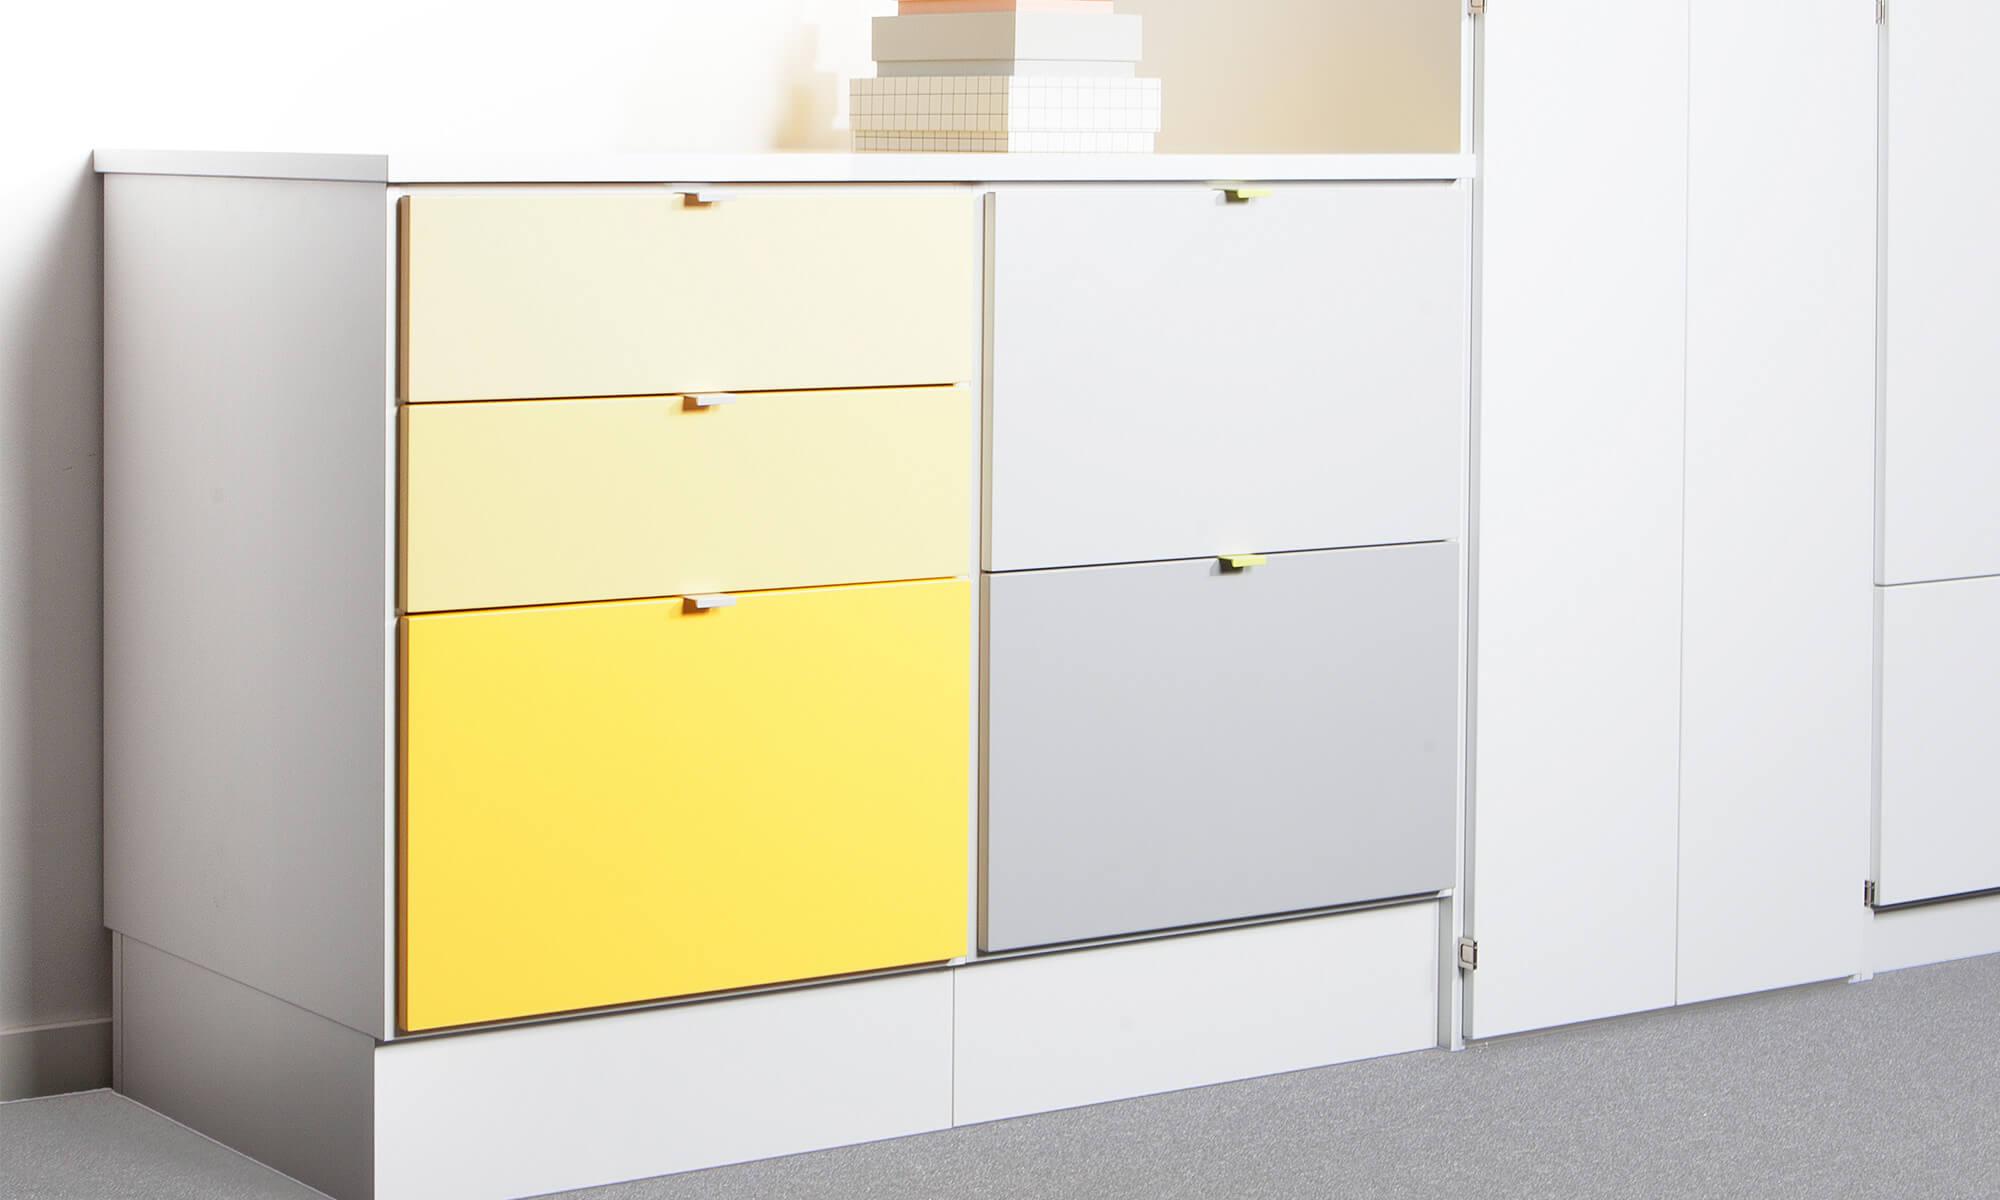 diskar disk förvaring storage möbelfakta kontorsförvaring office storage trece